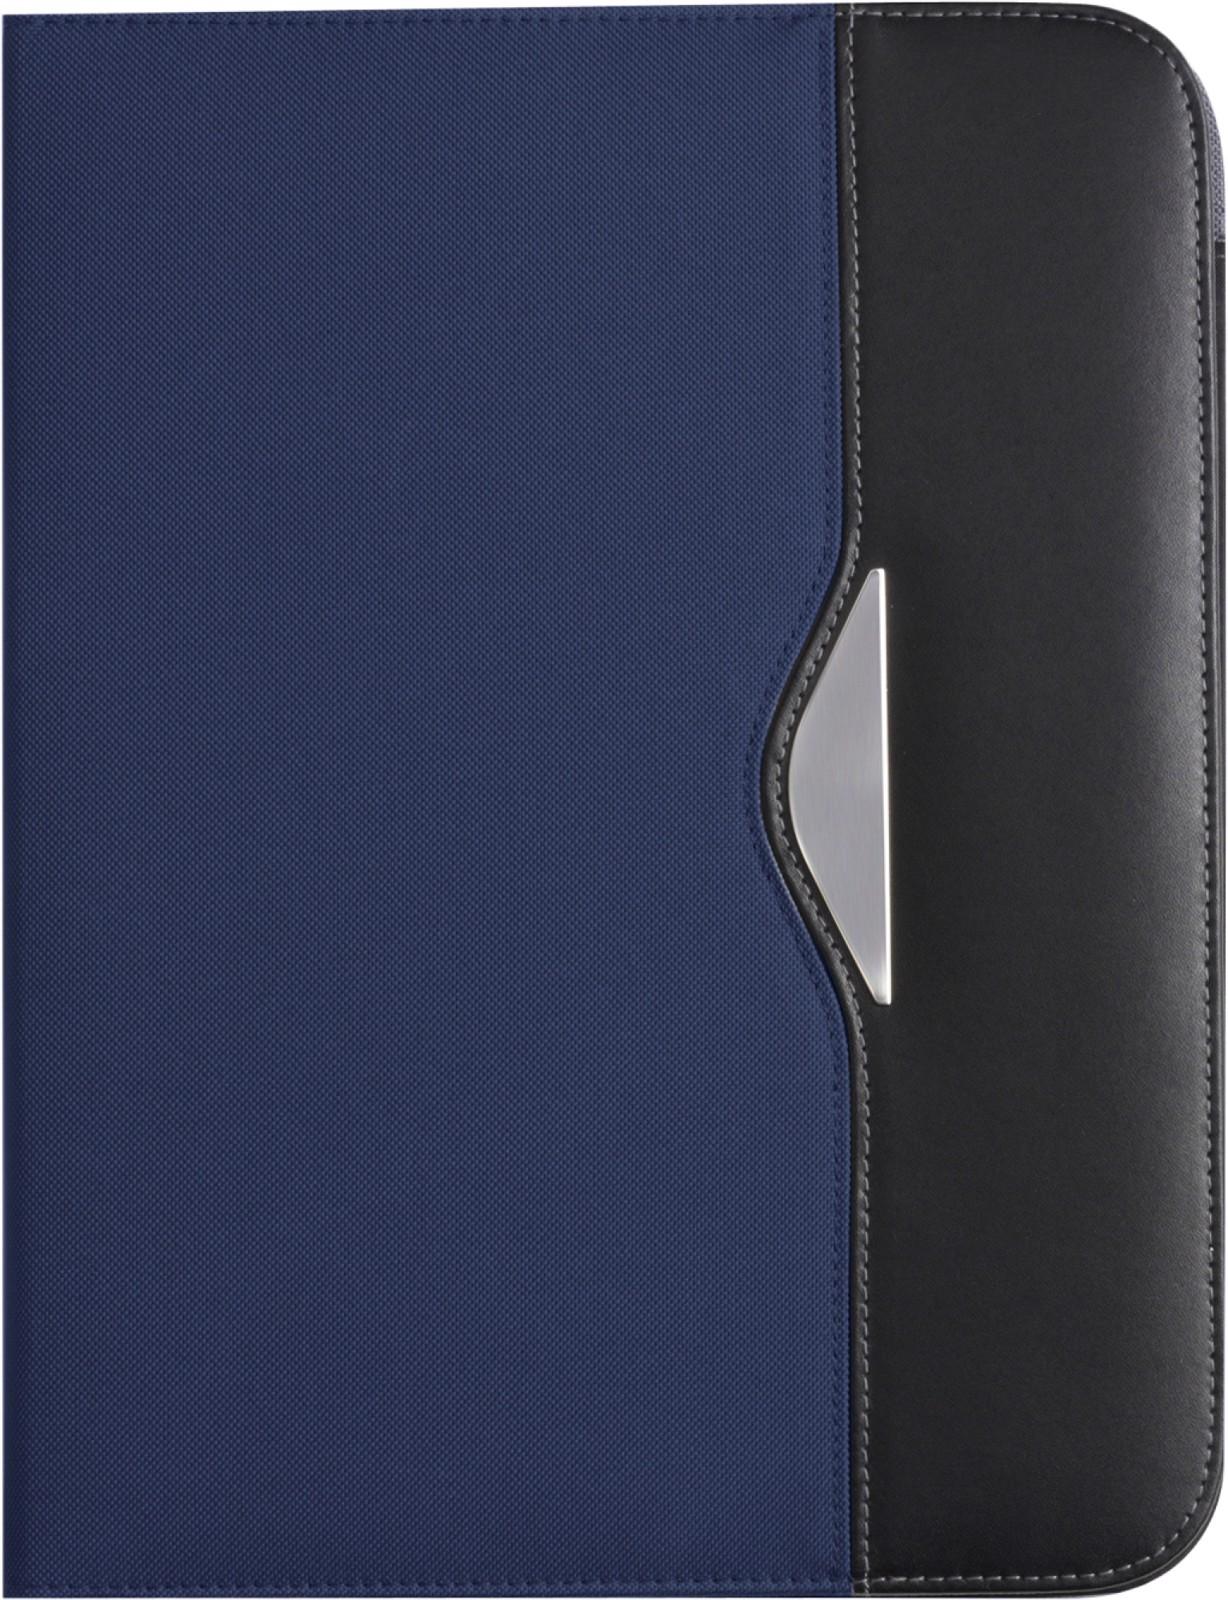 Nylon (600D) folder - Blue